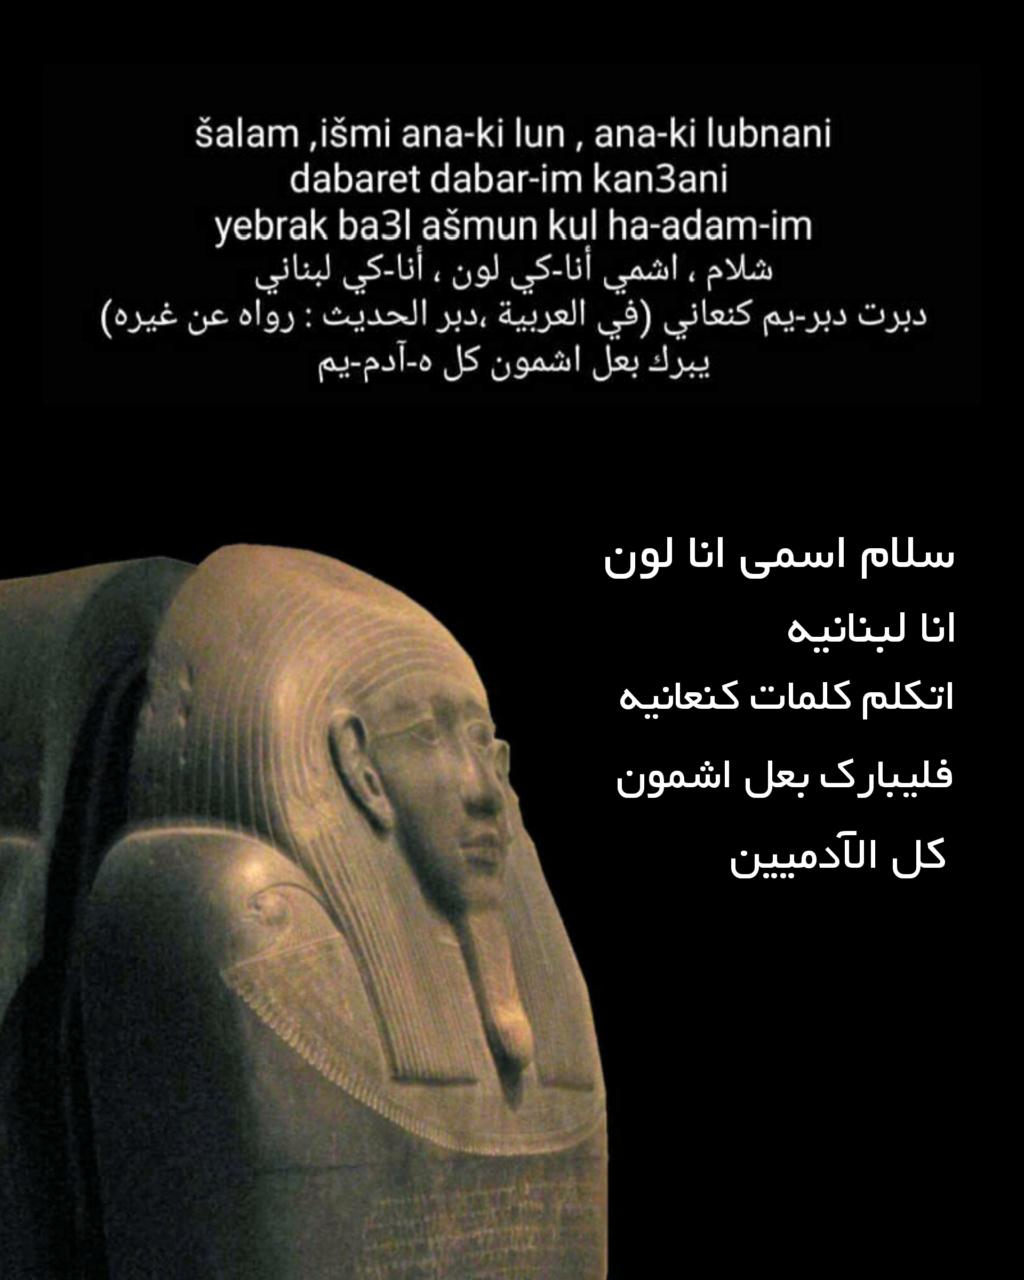 الأرقام بالفينيقية، العرب القدماء  Inshot11